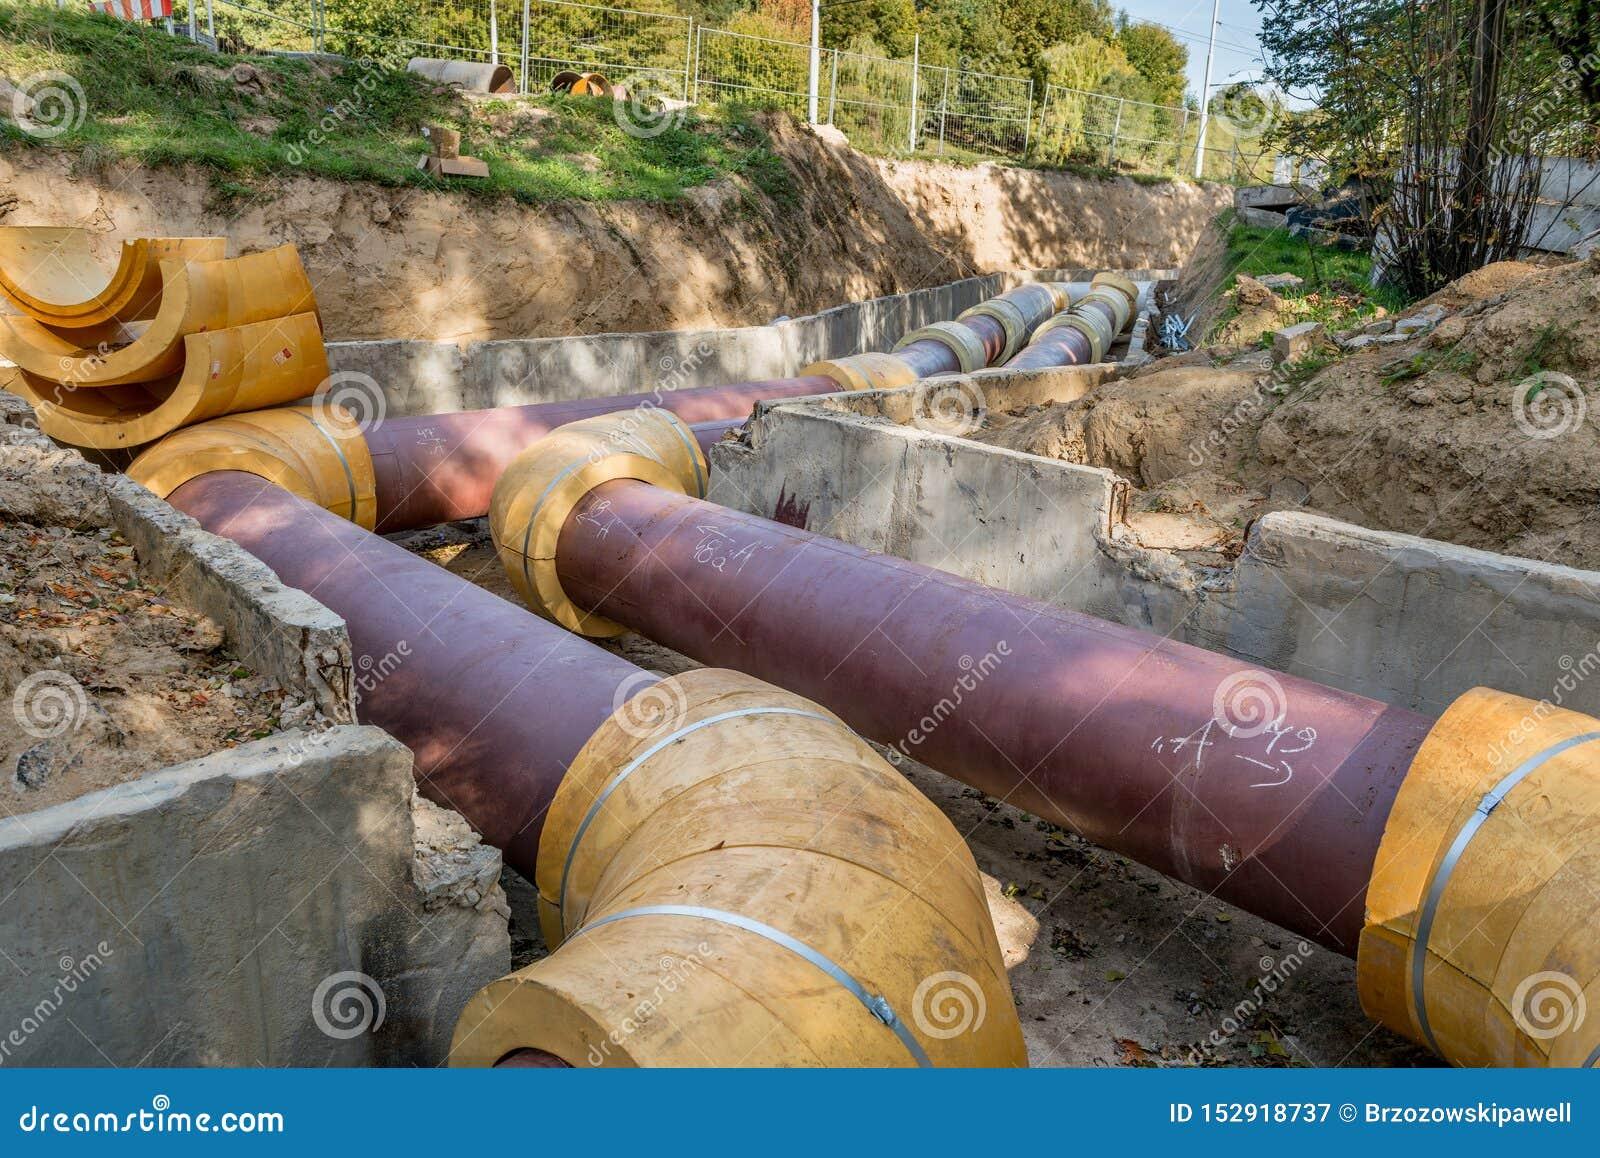 Подземная установка трубы Подземная труба общего назначения и обслуживаний положенная на строительную площадку